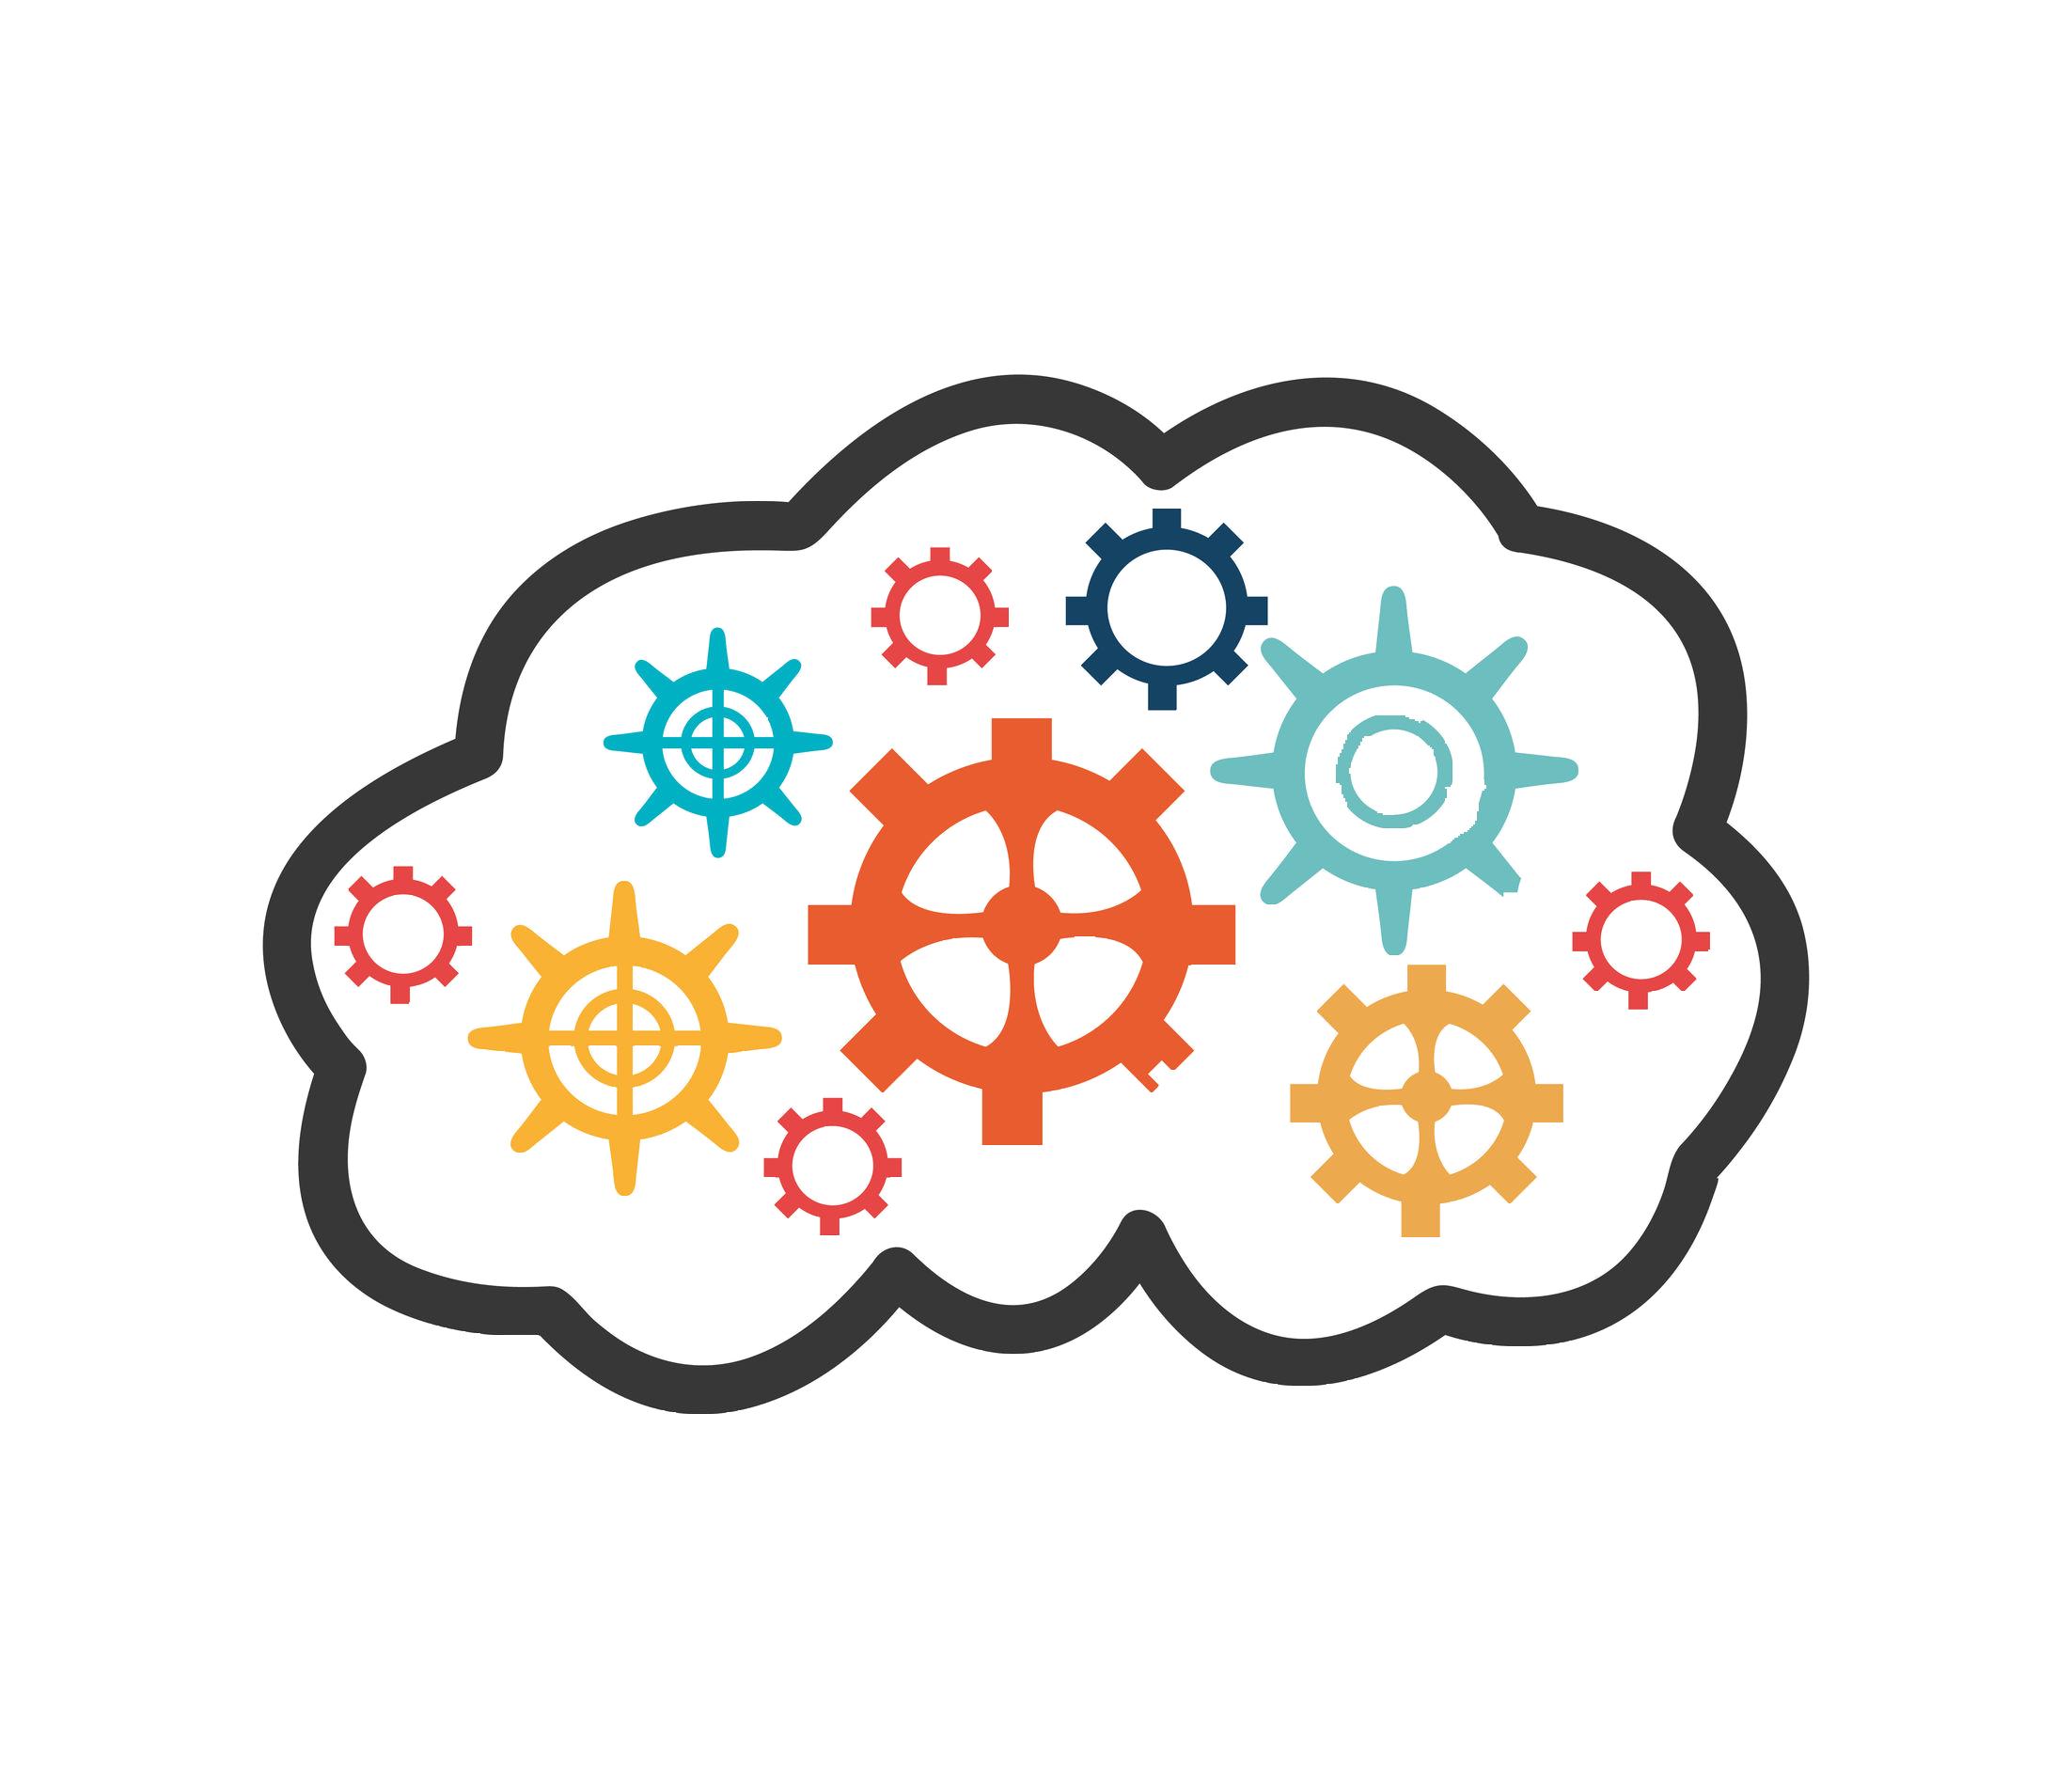 Beneficios de Marketing Automation en tu estrategia digital